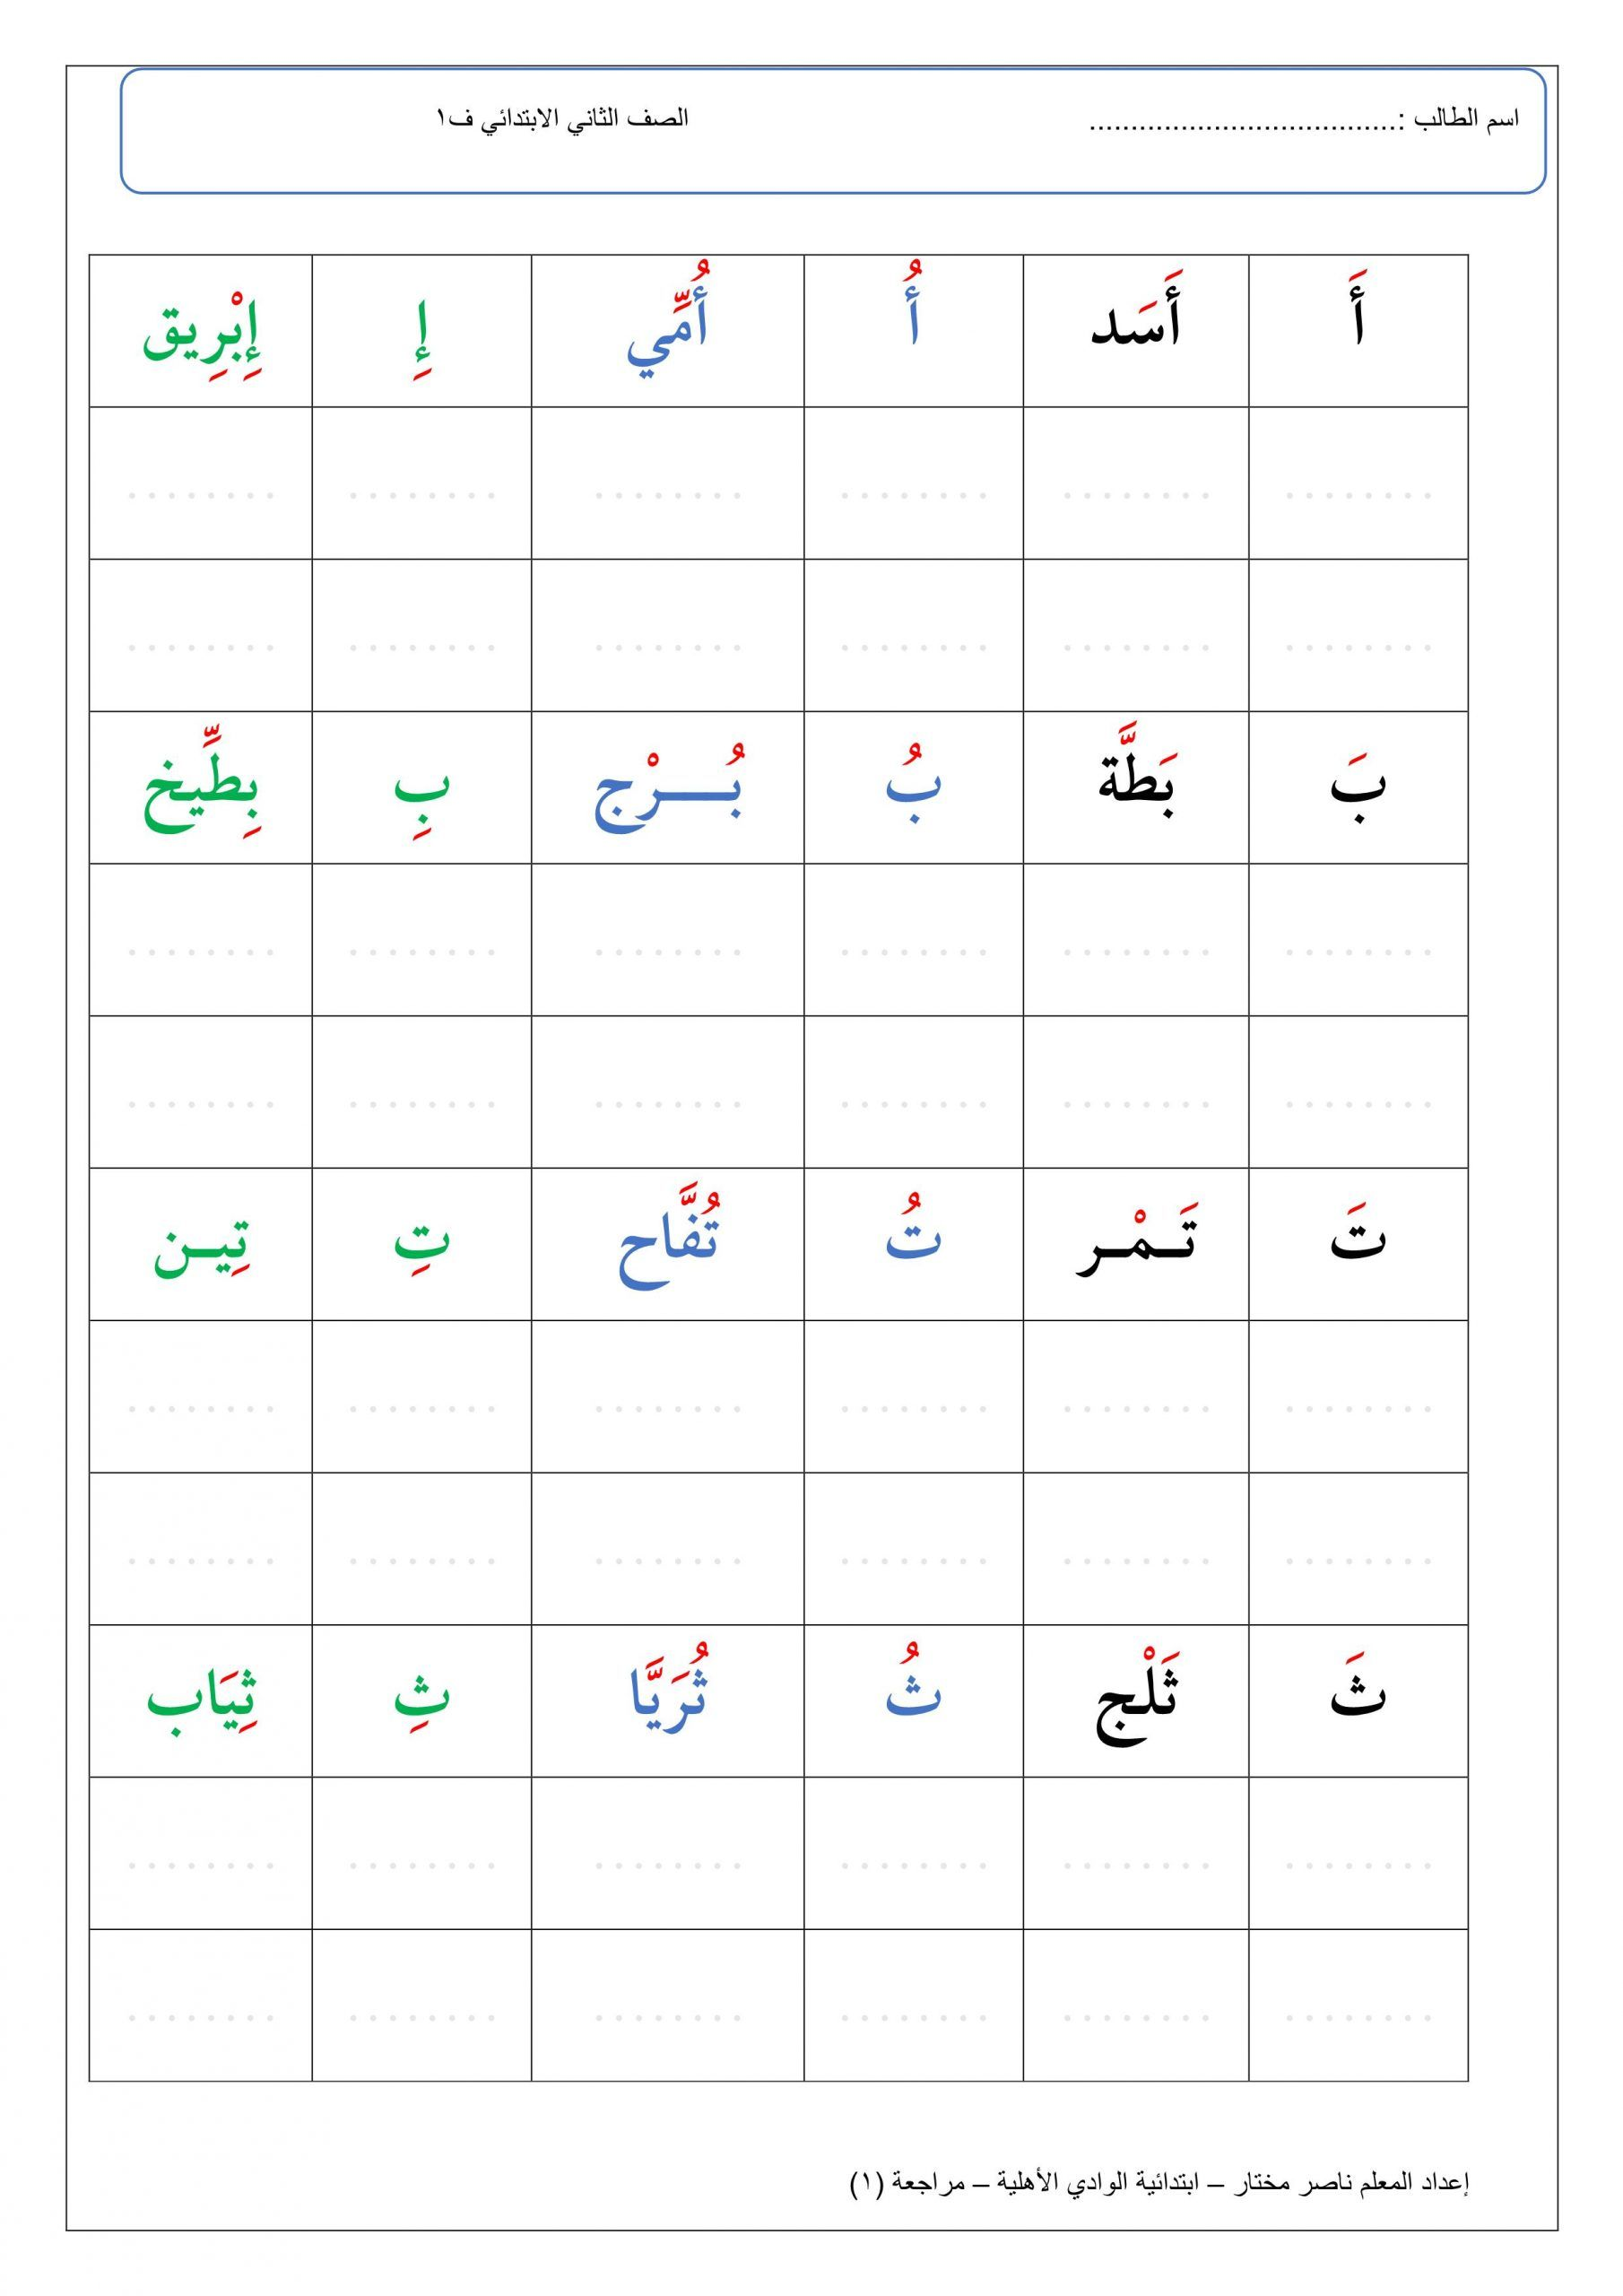 اوراق عمل مراجعة الحروف الهجائية للصف الاول مادة اللغة العربية Arabic Alphabet Letters Arabic Alphabet For Kids Lettering Alphabet